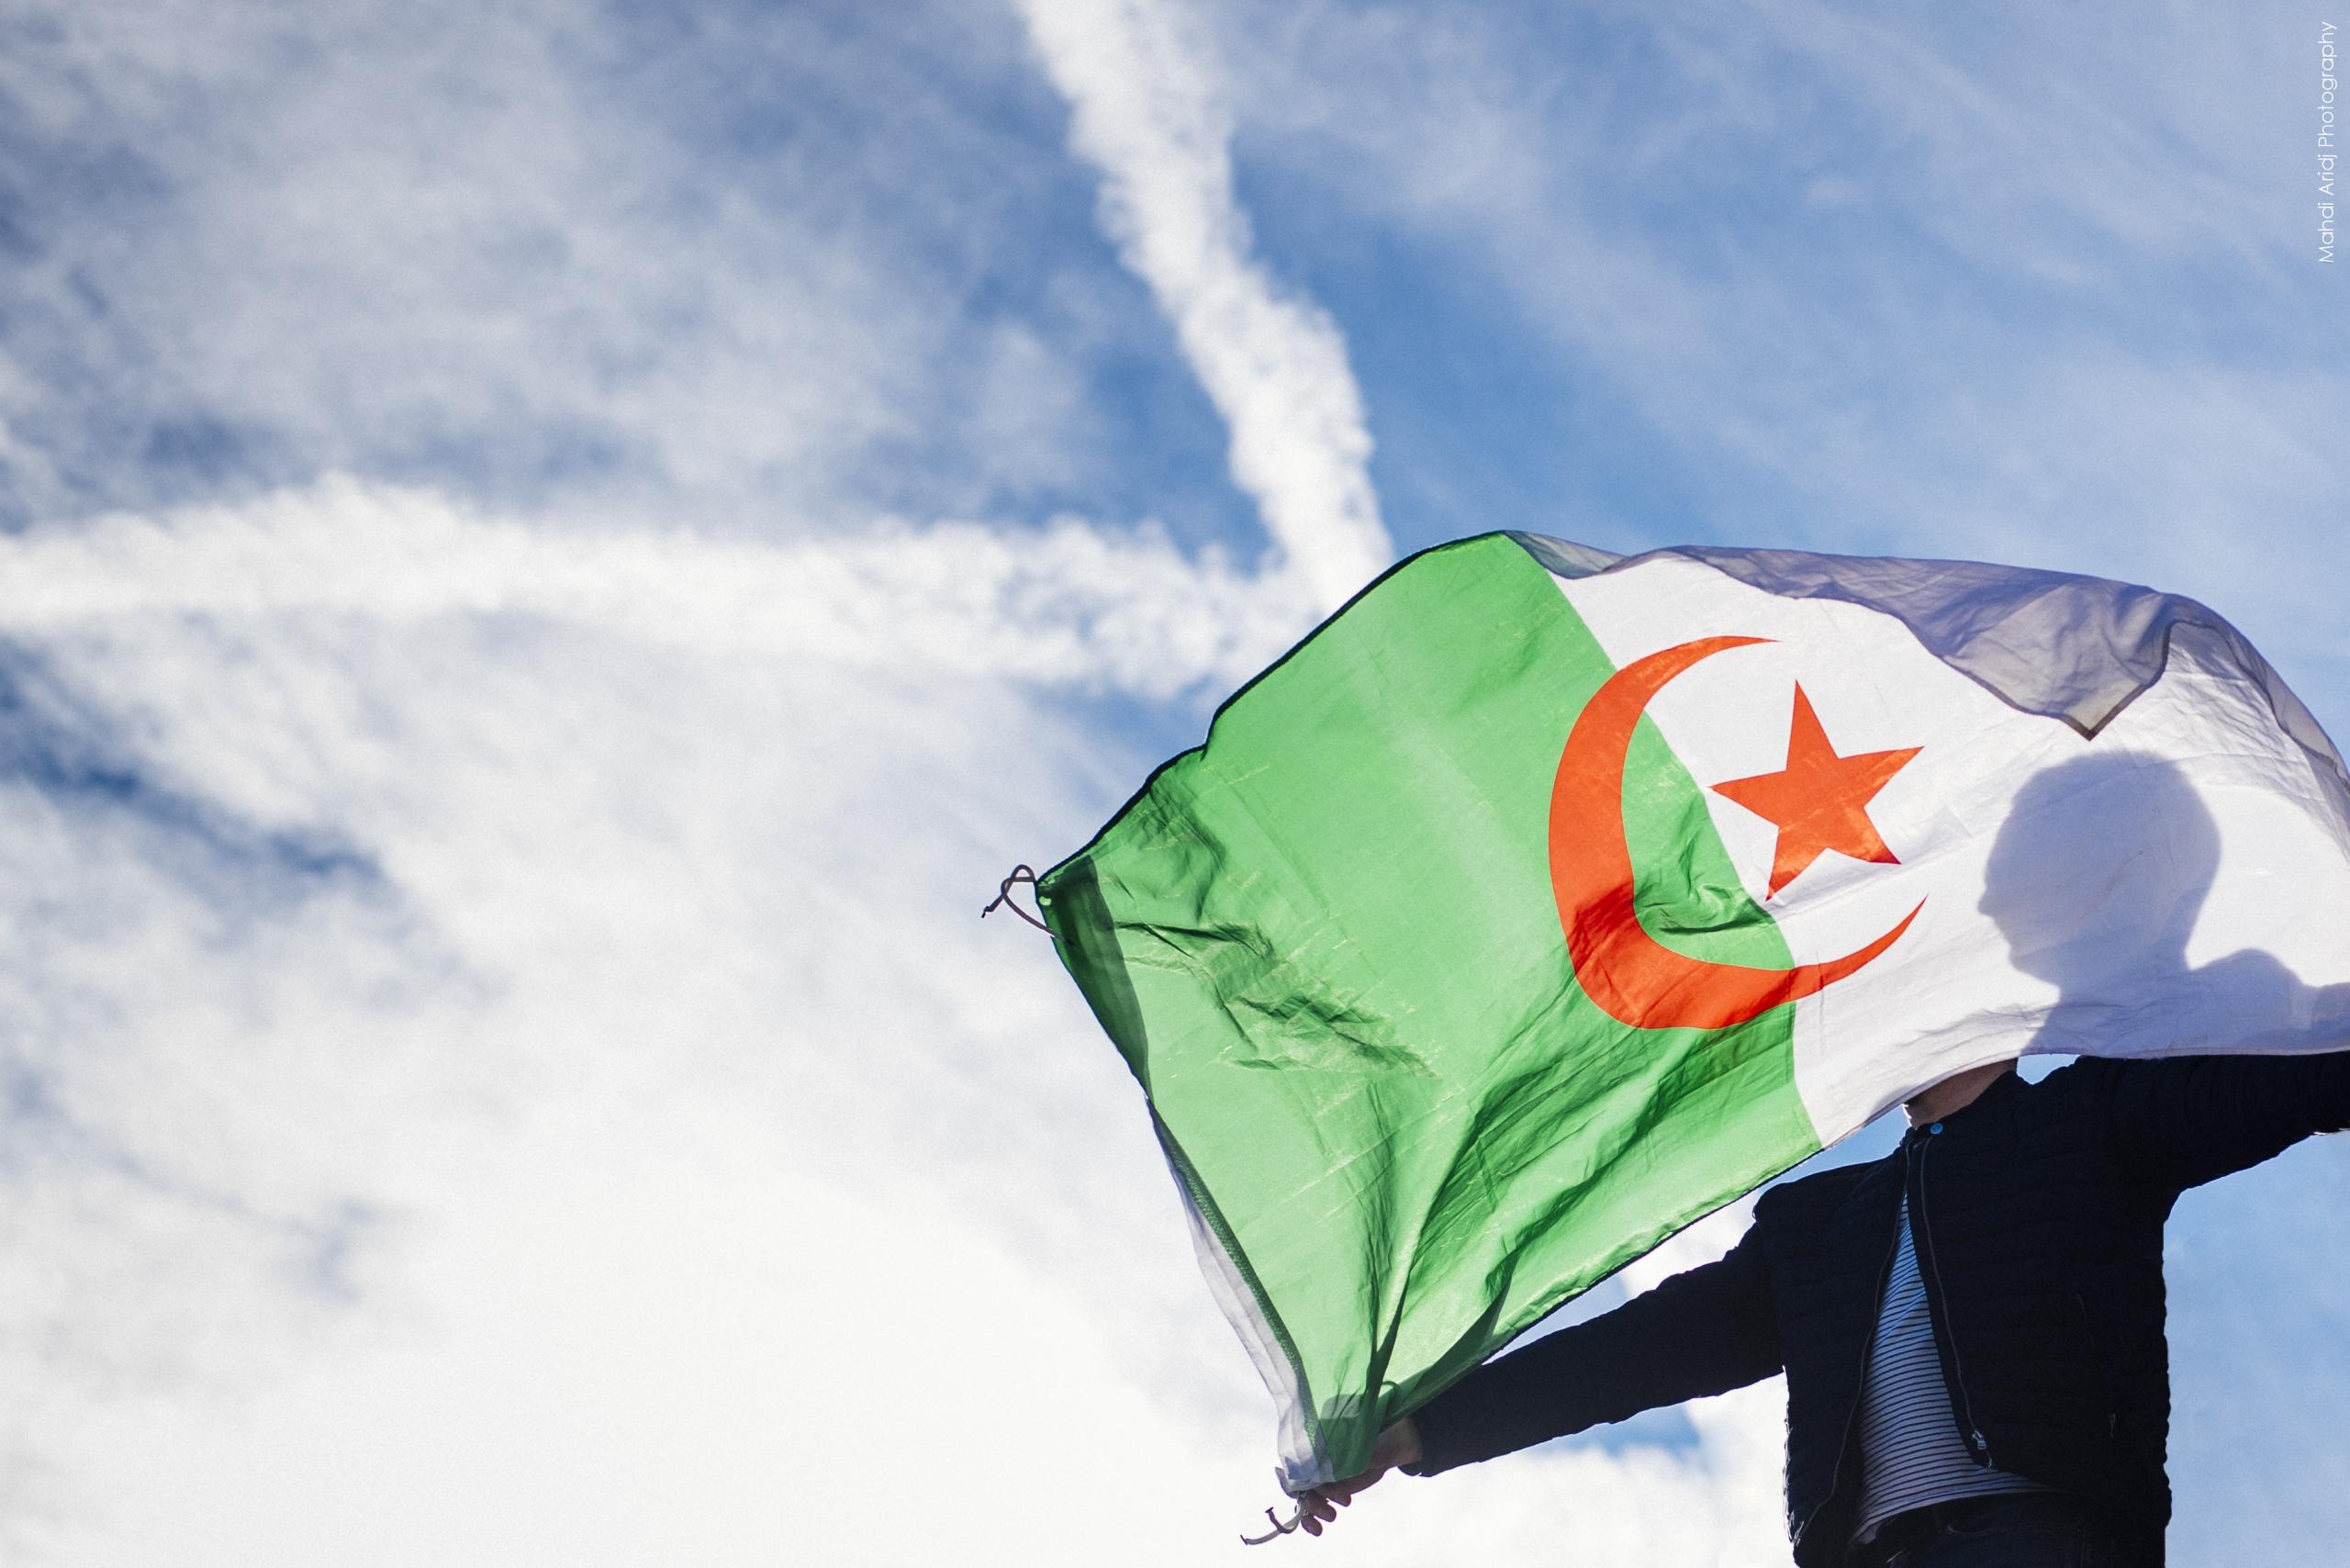 Derrière le drapeau - Behind the flag